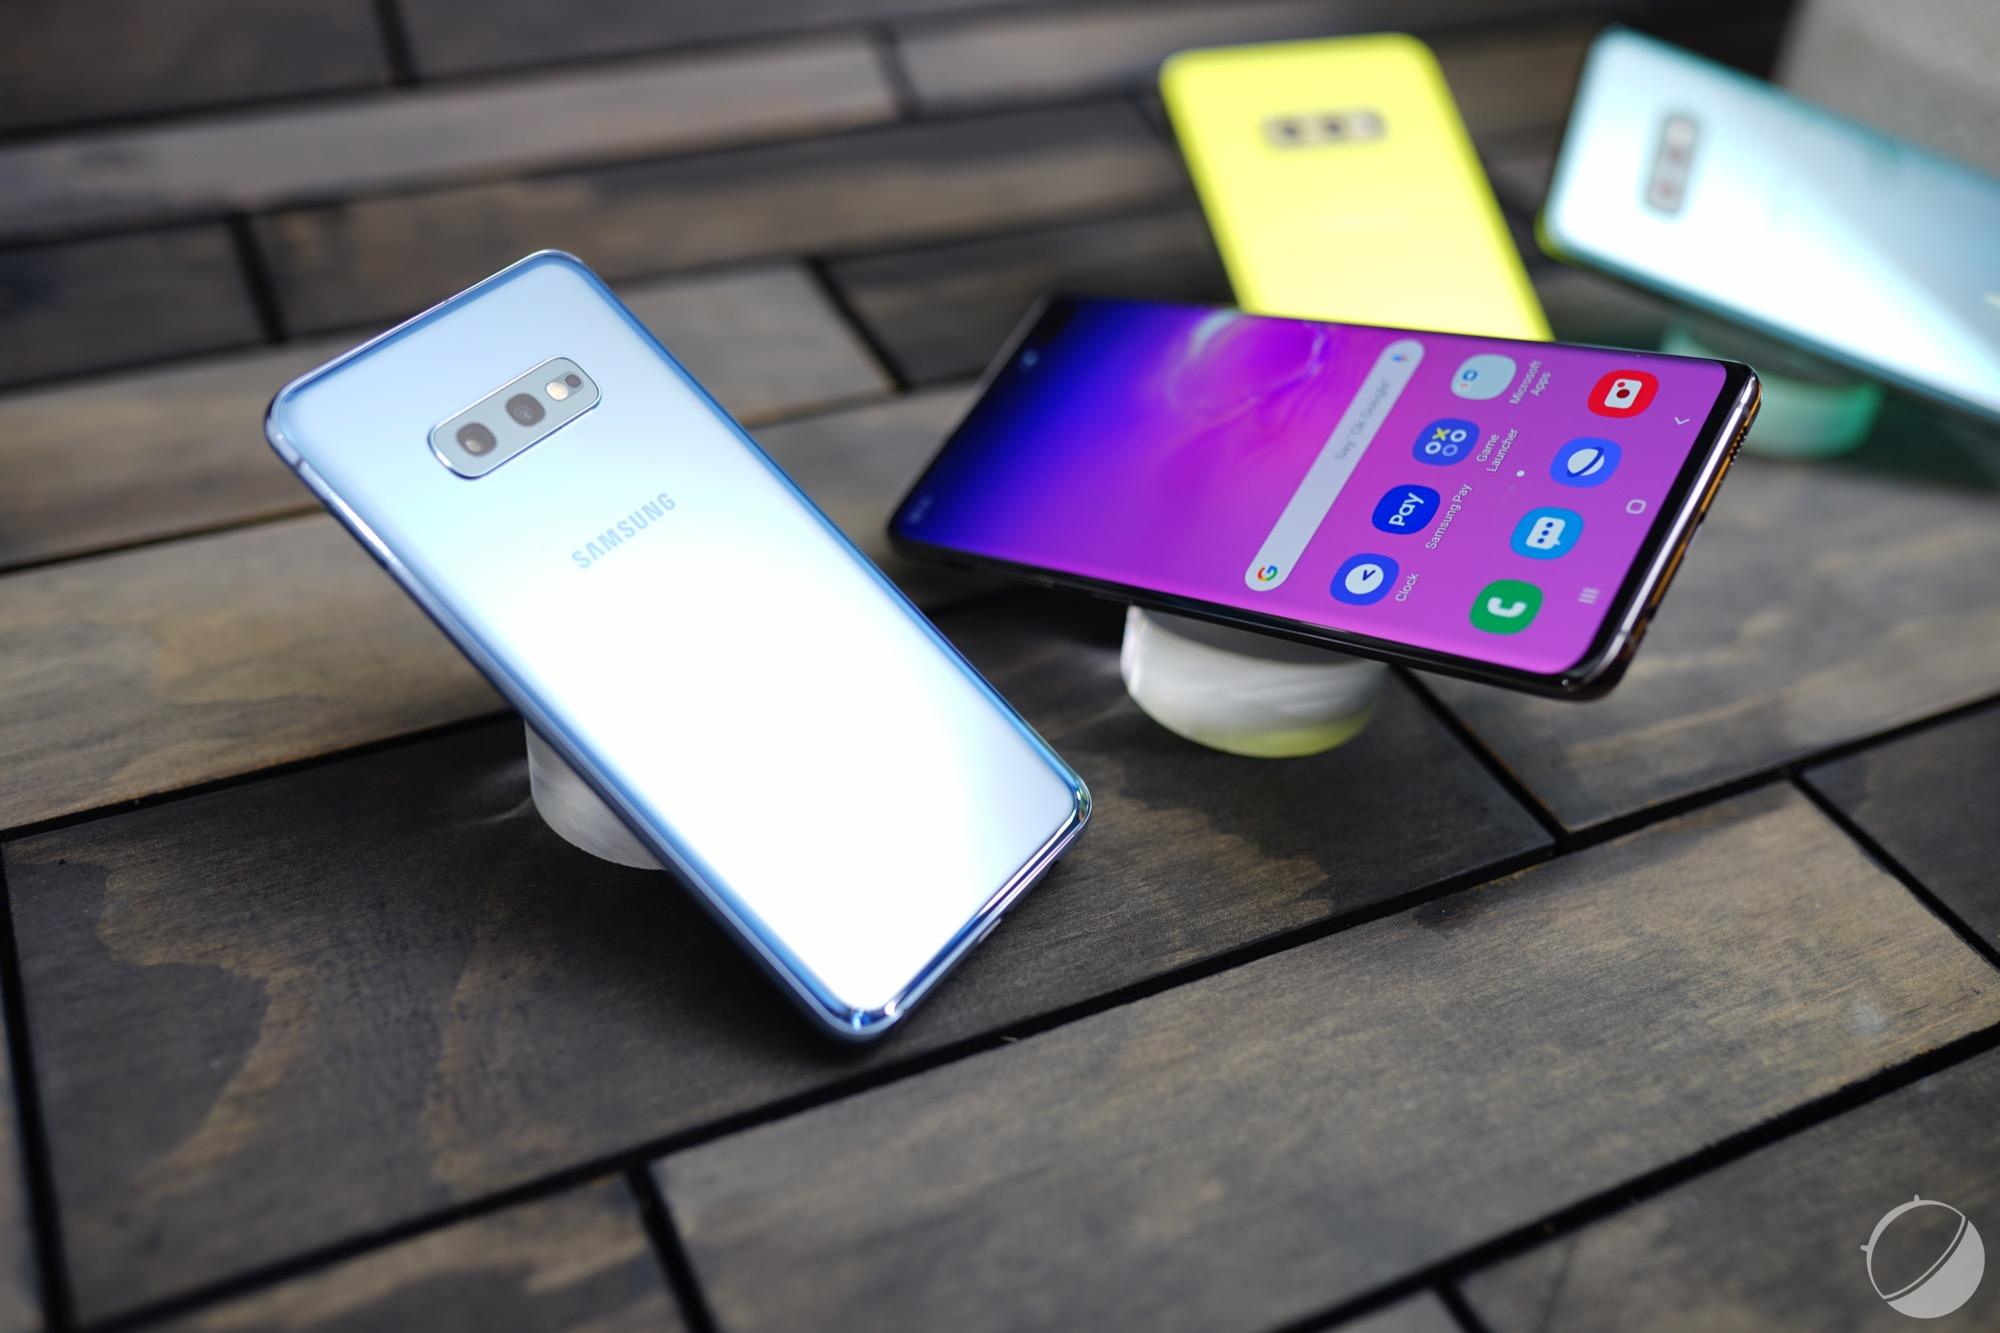 MWC terminé, c'est le moment de vendre votre téléphone avant qu'il ne perde trop de valeur